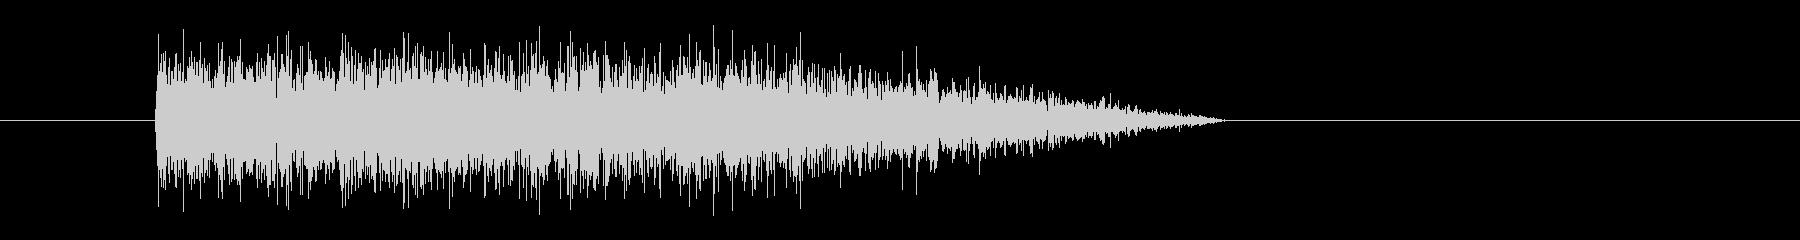 レーザー音-57-3の未再生の波形